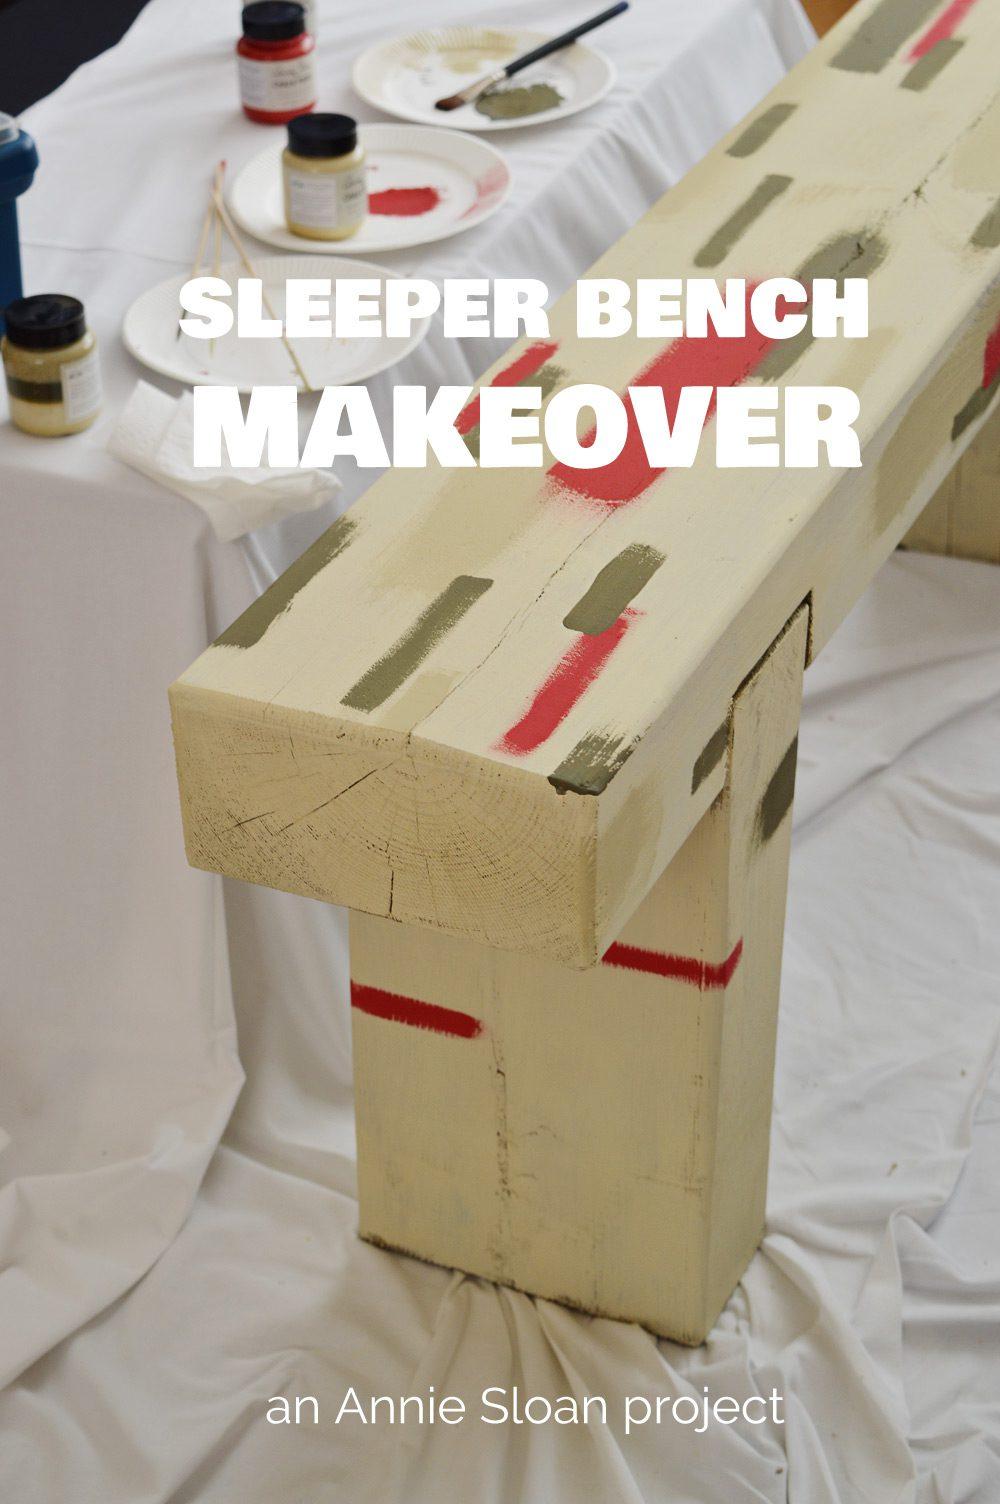 Annie Sloan sleeper bench makeover